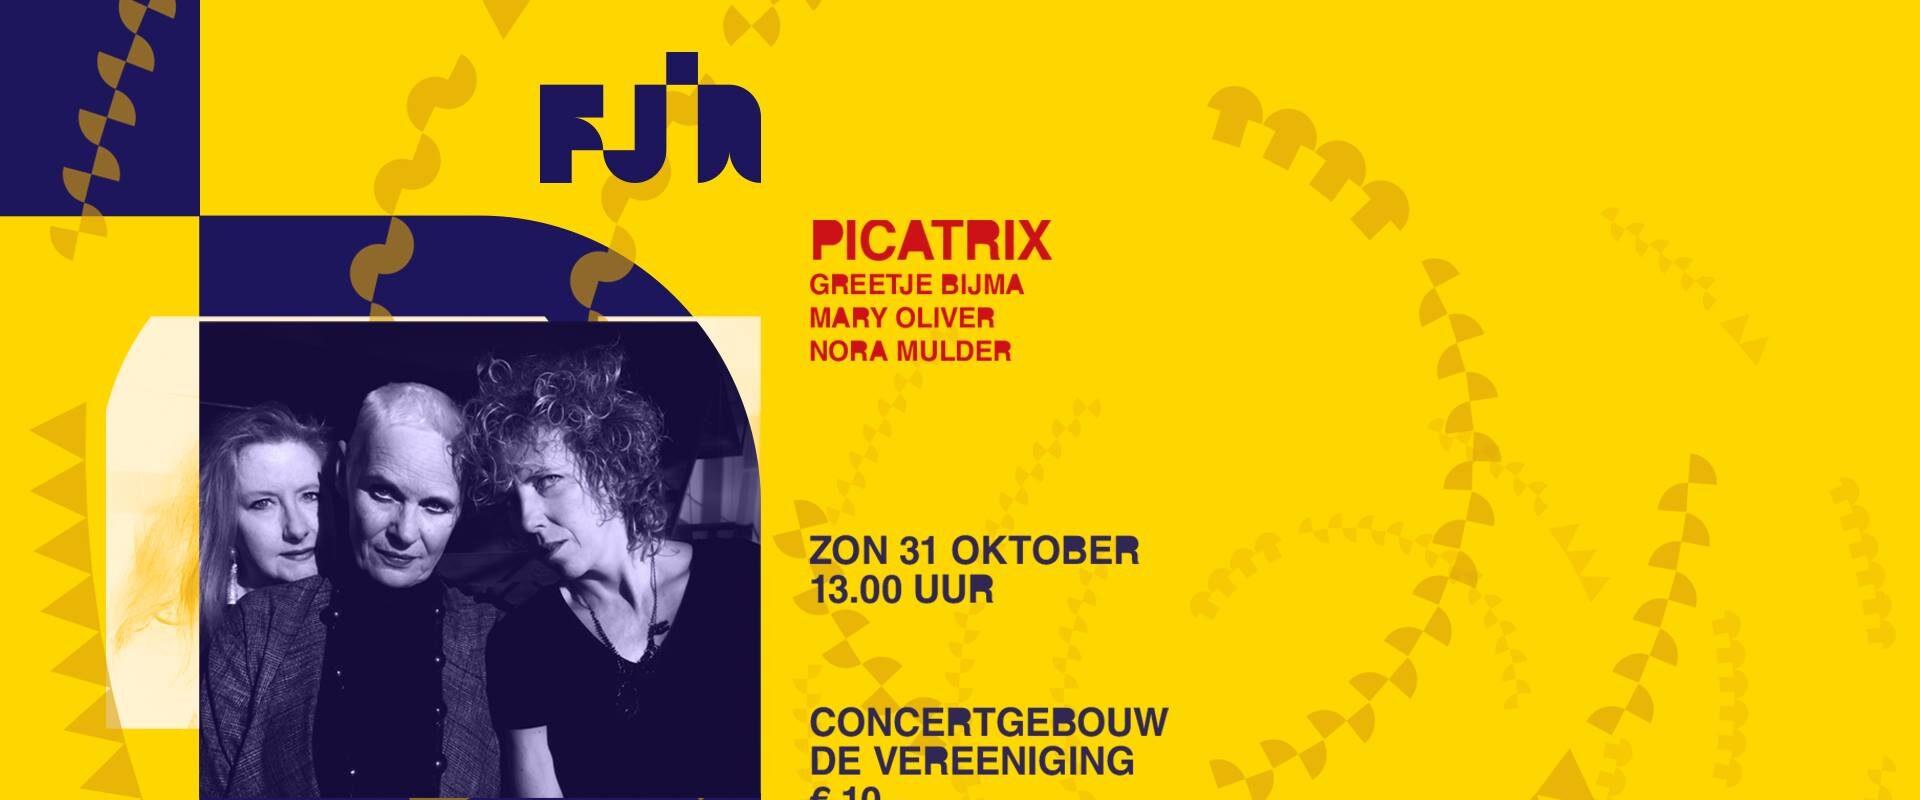 FJIN 2021• Picatrix 2